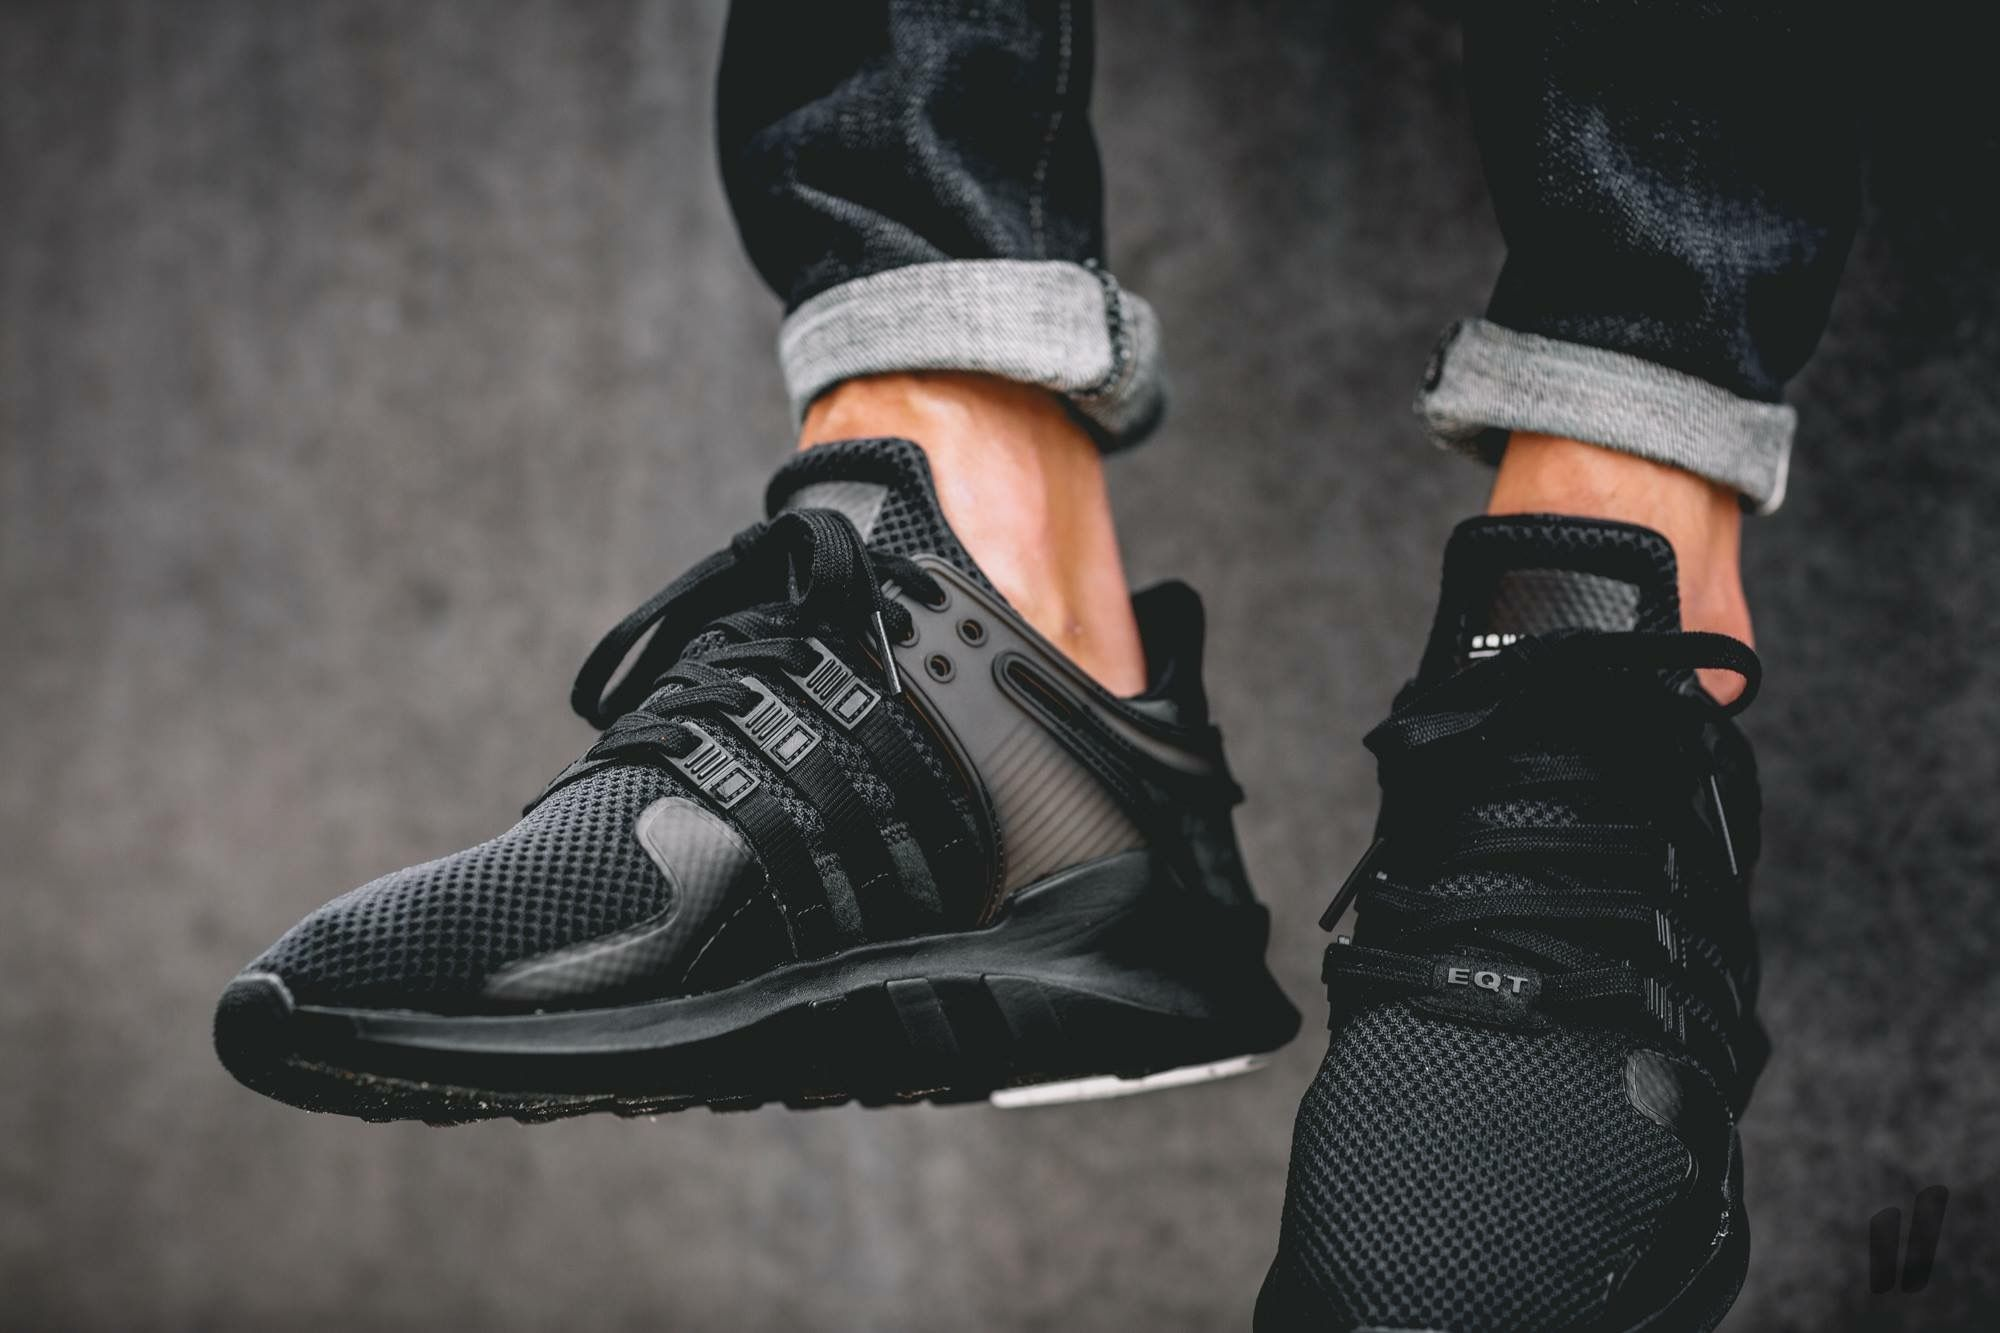 Adidas EQT corriendo ADV mejores zapatos adidas y Eva Pinterest